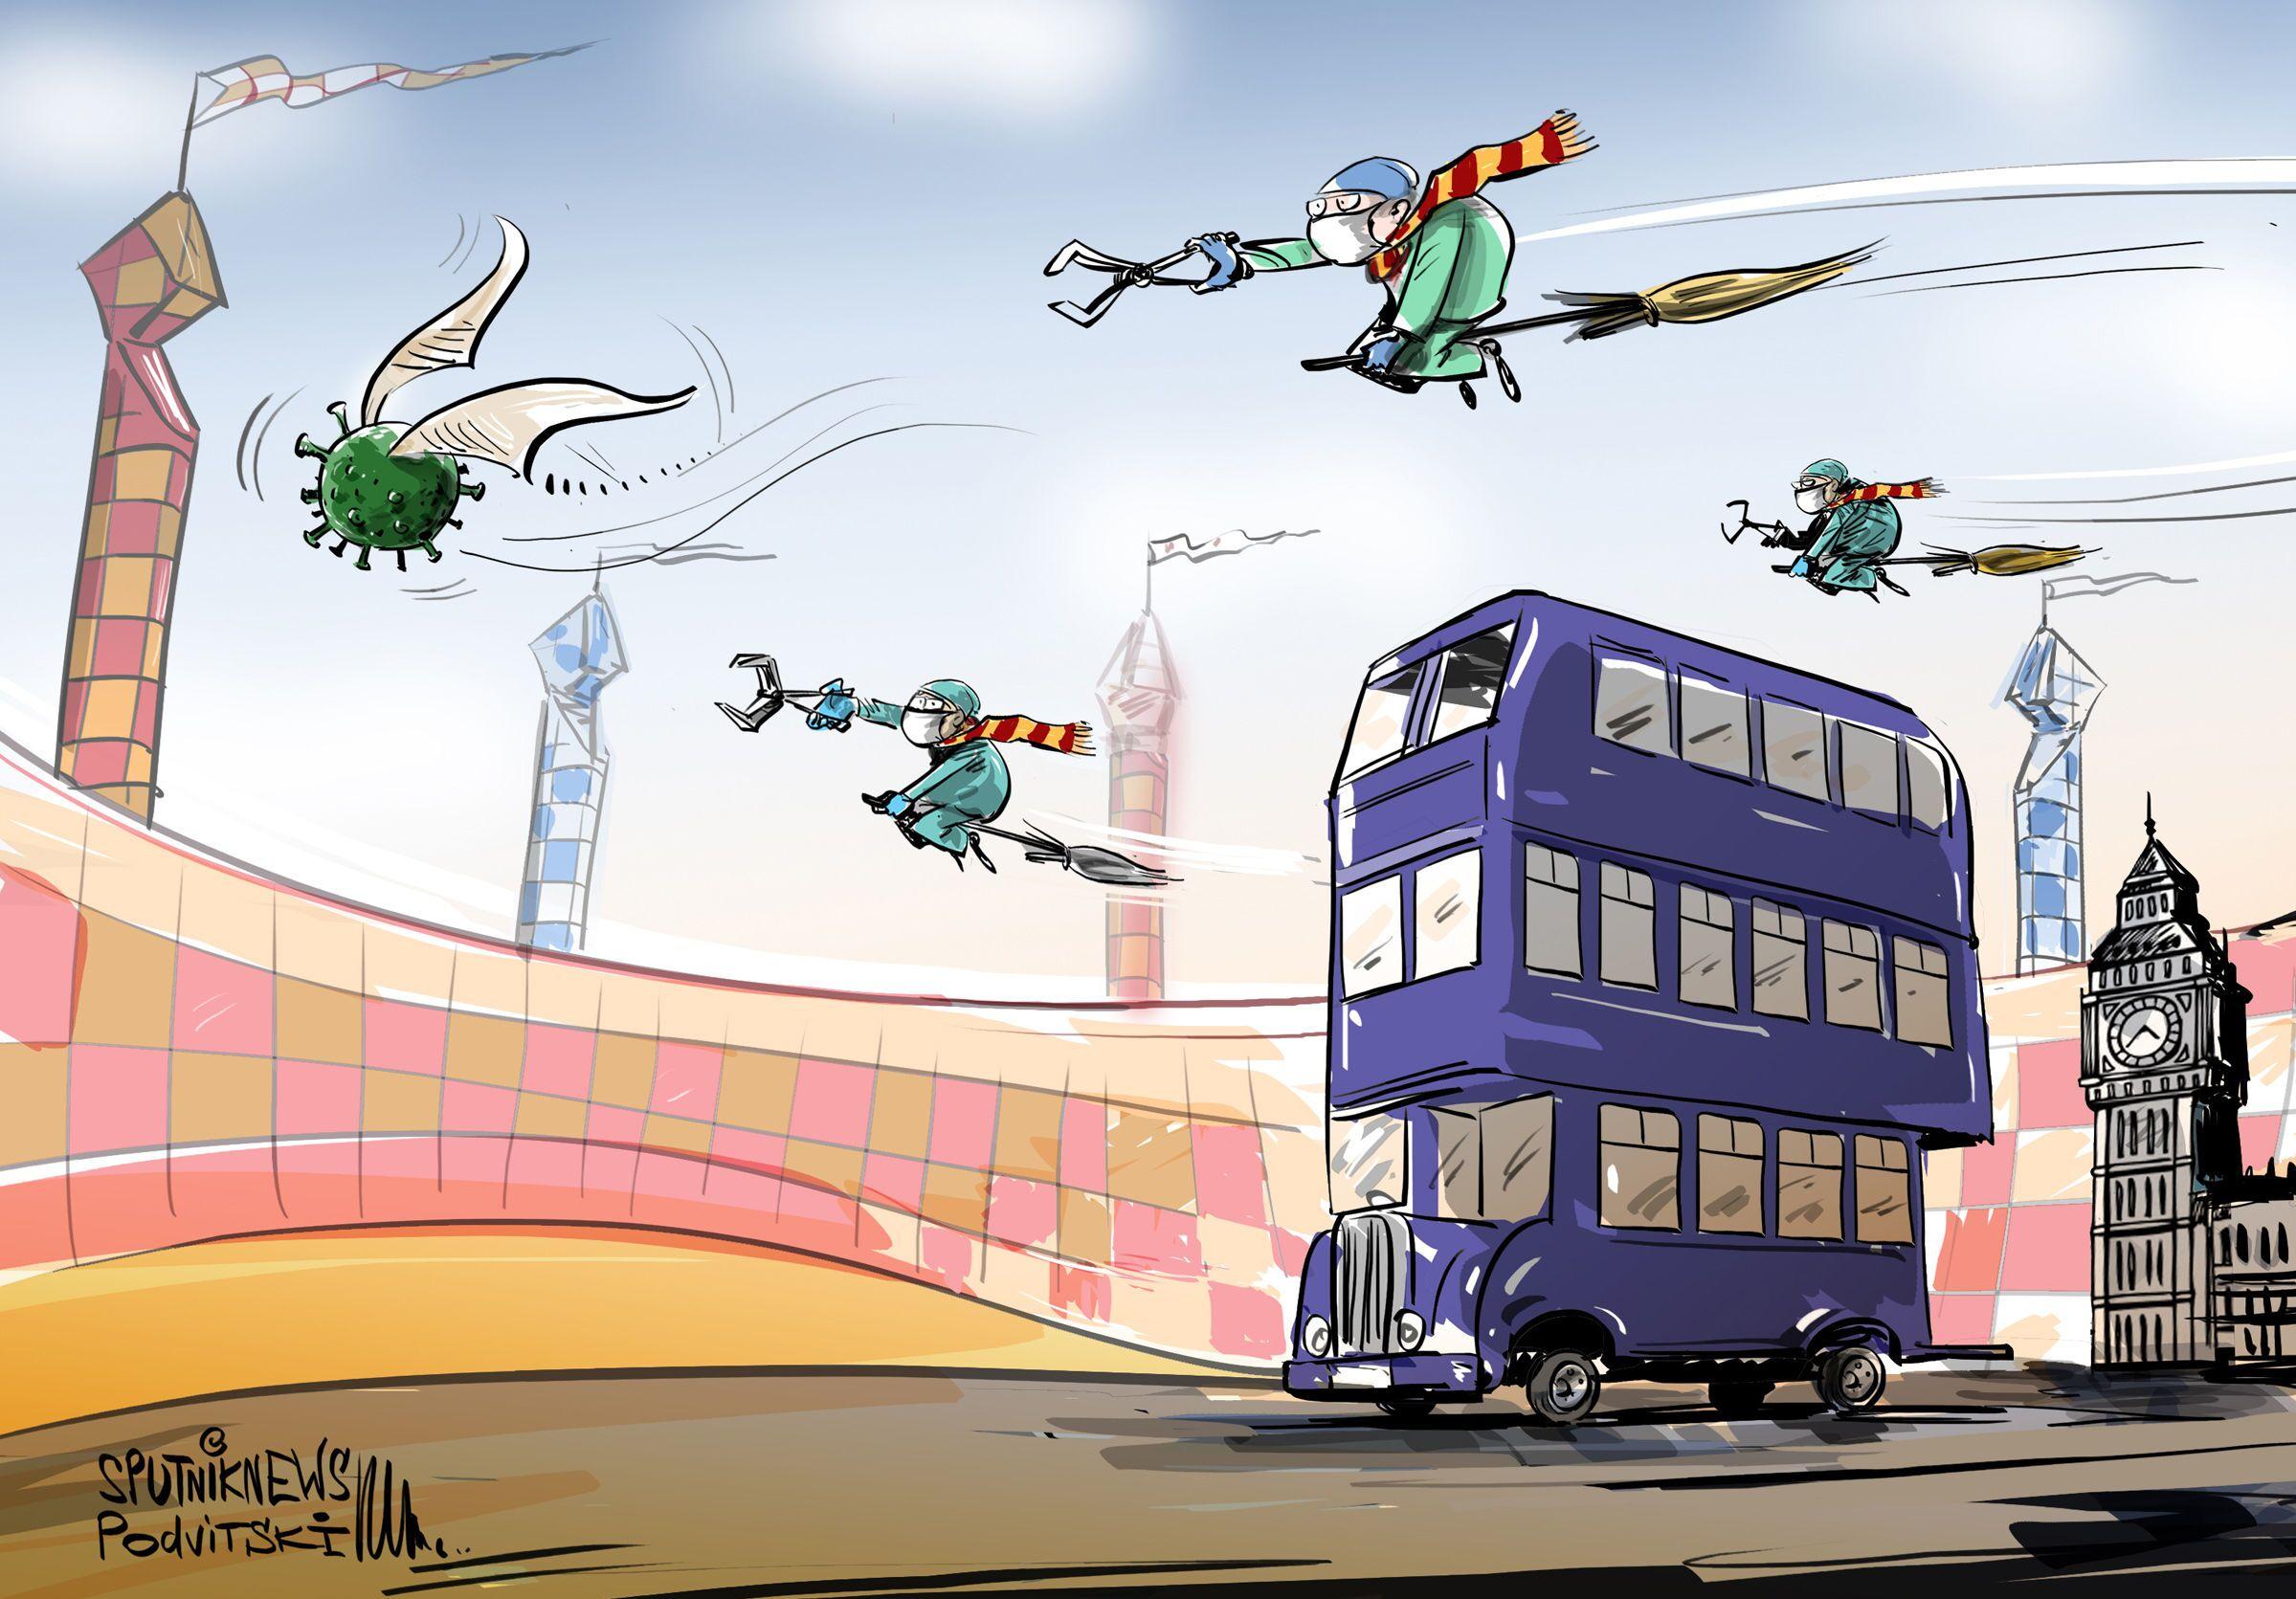 Gli autobus che di solito portano i turisti all'Harry Potter Museum verranno ora usati dai dipendenti del National Health Service of England, Hertfordshire